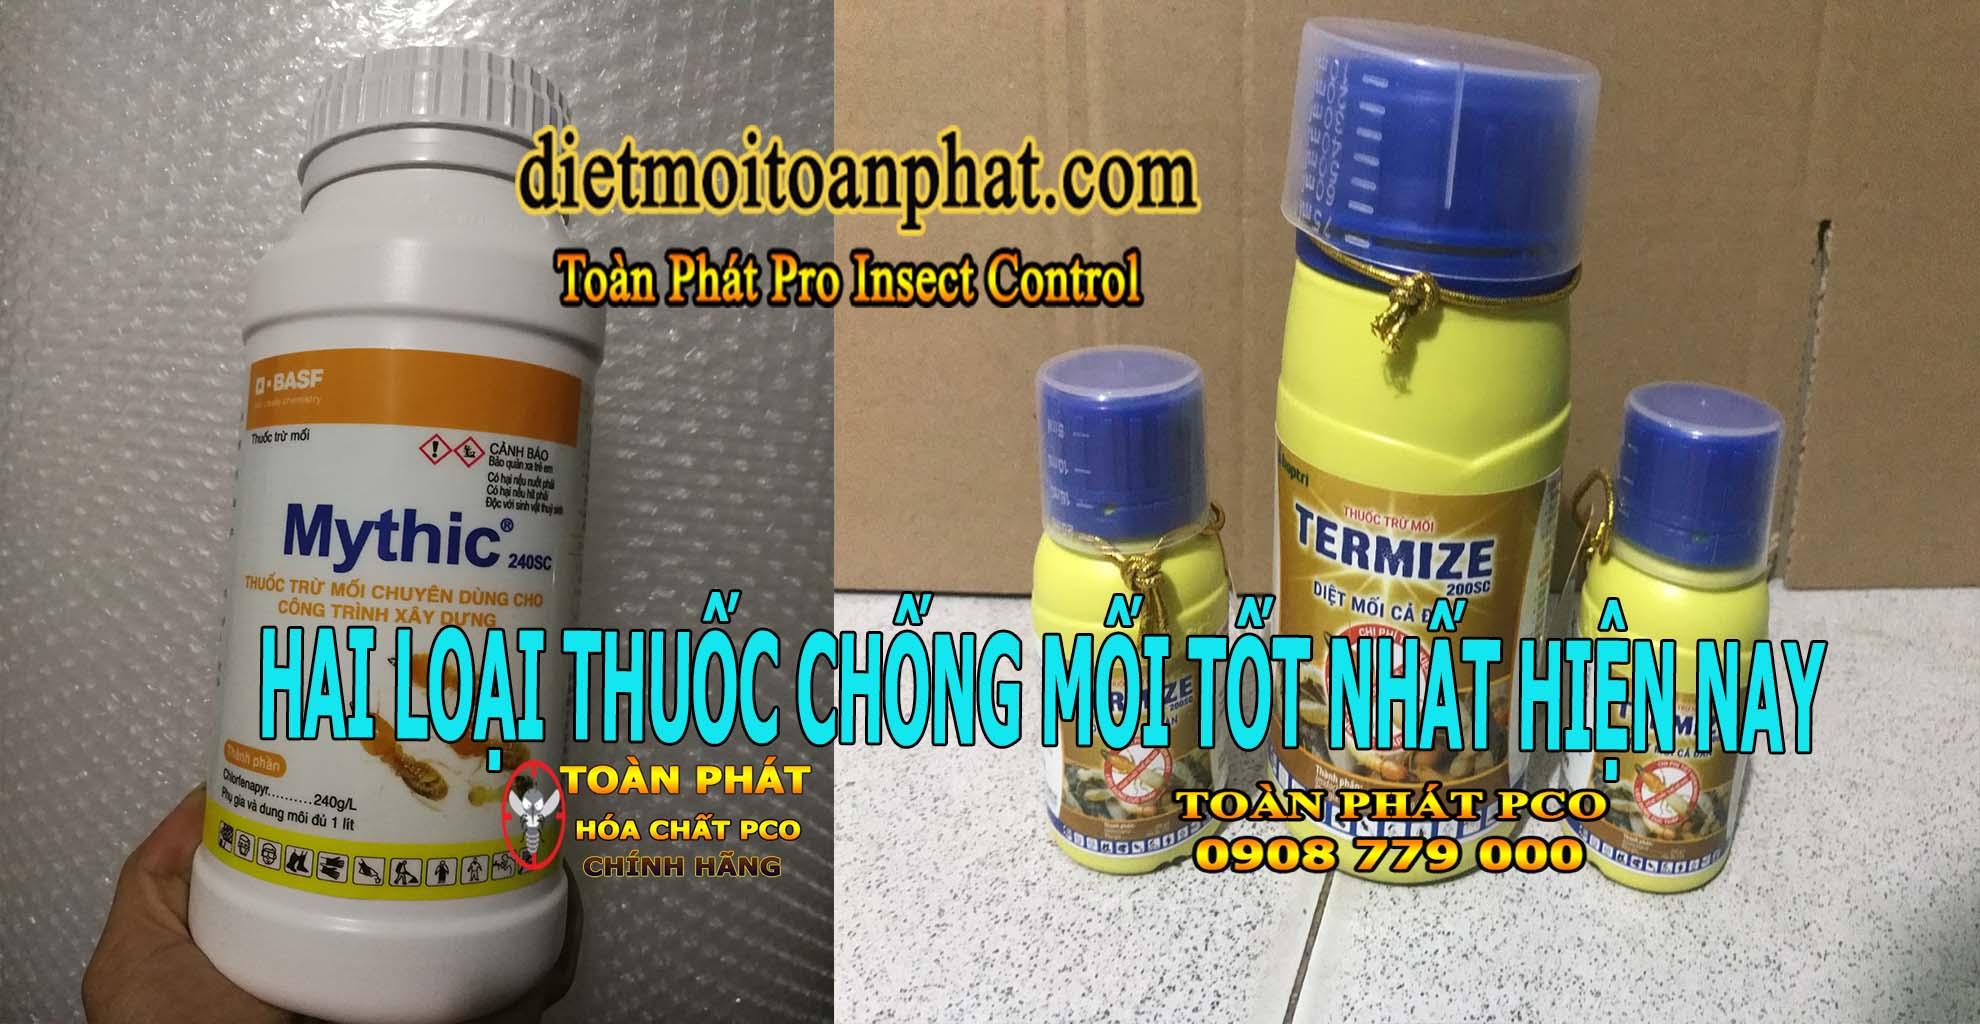 2 loại thuốc chống mối tốt nhất hiện nay